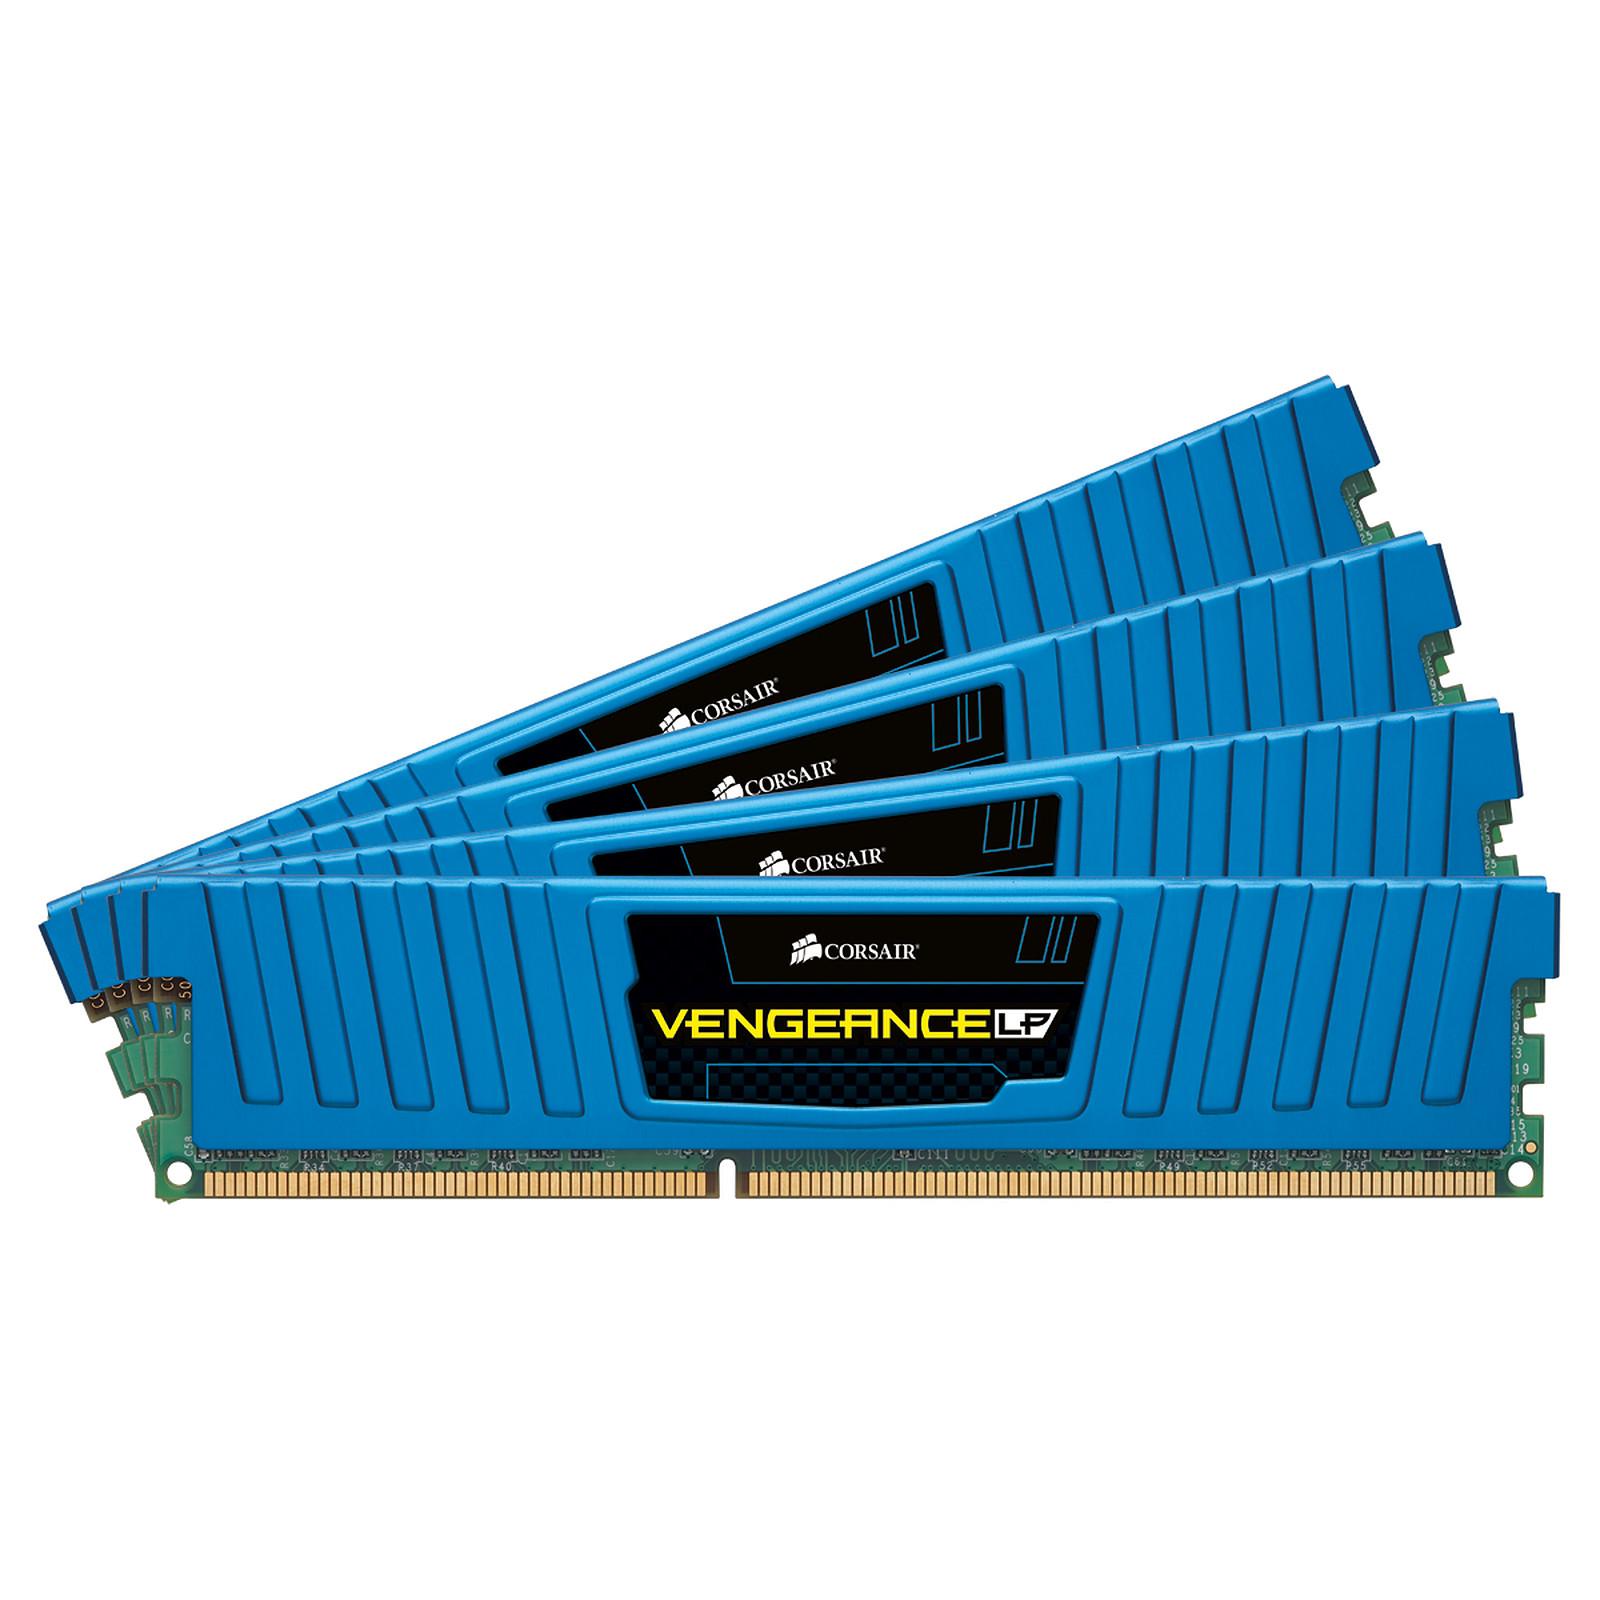 Corsair Vengeance Low Profile Series 32 Go (4x 8 Go) DDR3 1600 MHz CL10 Bleu